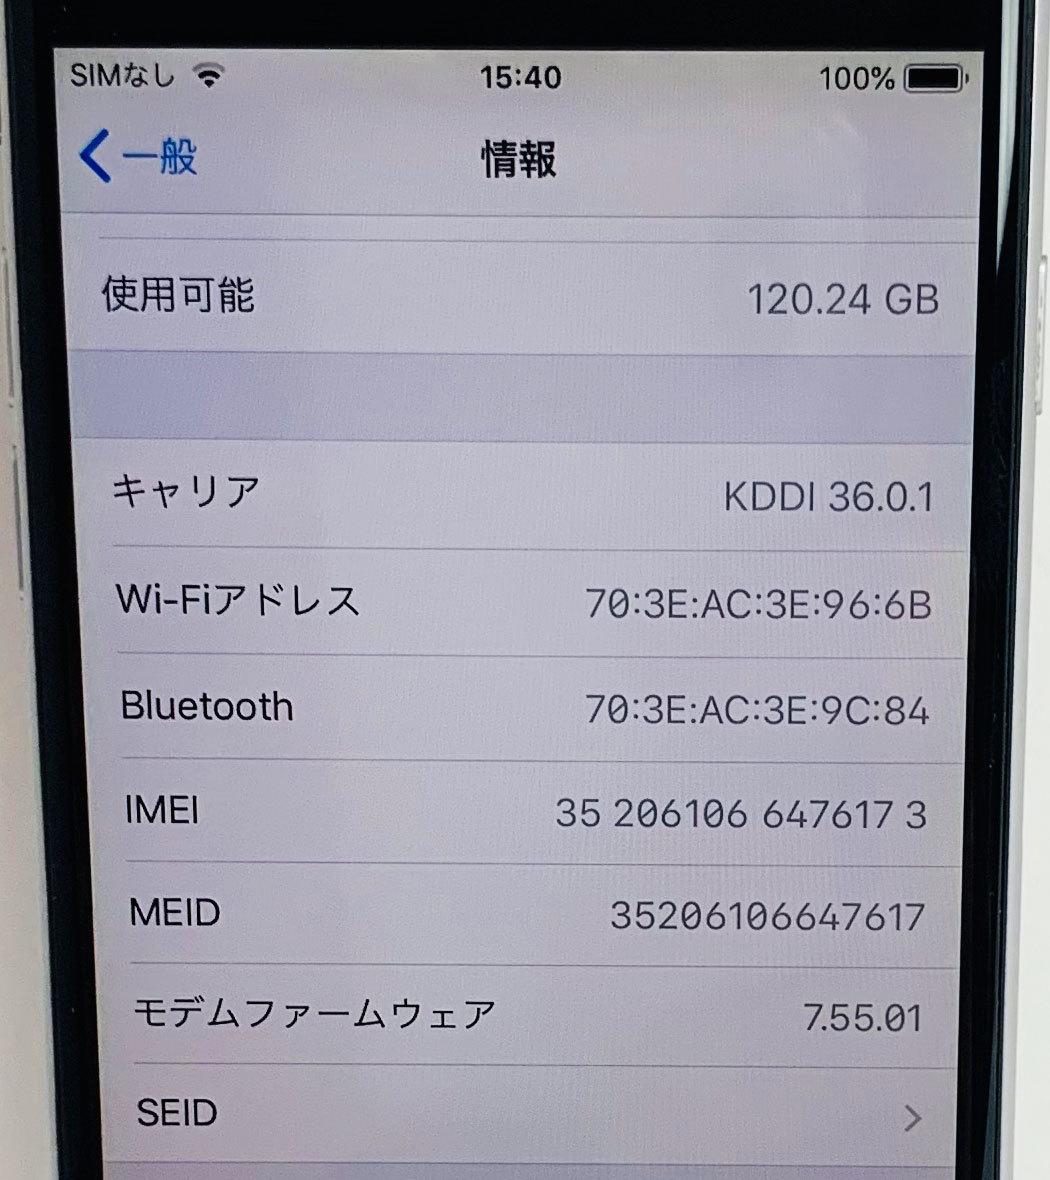 質屋出店 中古品 初期化済み Apple iPhone6 A1586 MG4A2J/A 128GB スペースグレイ ○判定 ジャンク品 1円オークション_画像6